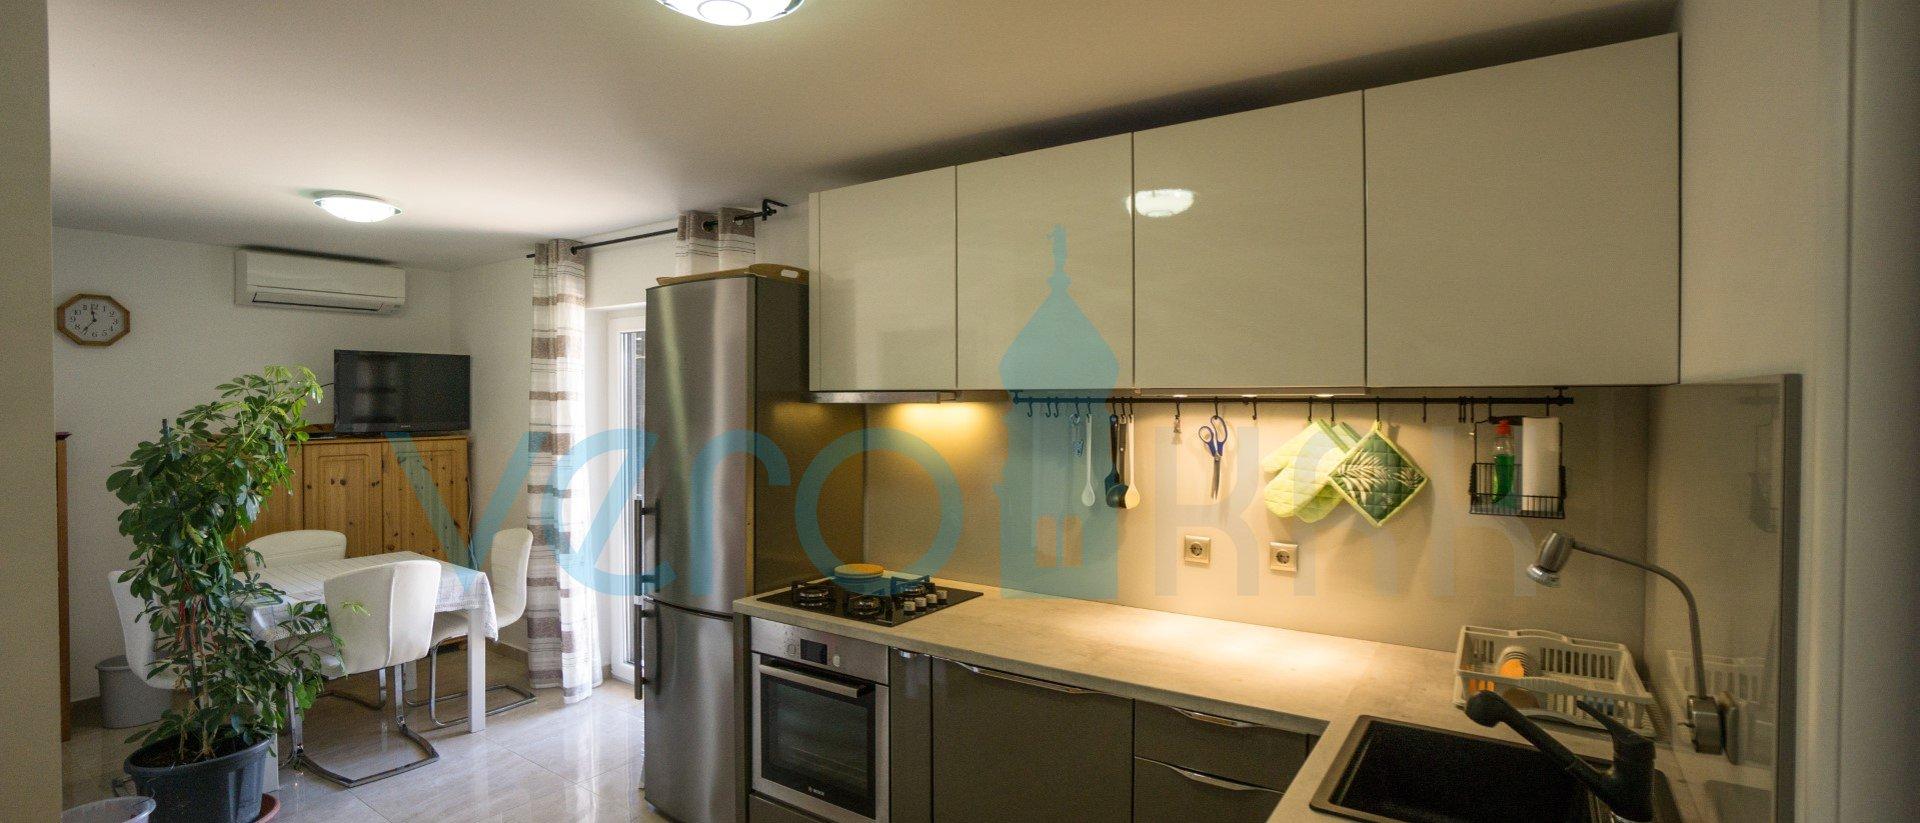 Malinska, moderni apartmani 90m2, 105m2 okućnice, 250m od mora